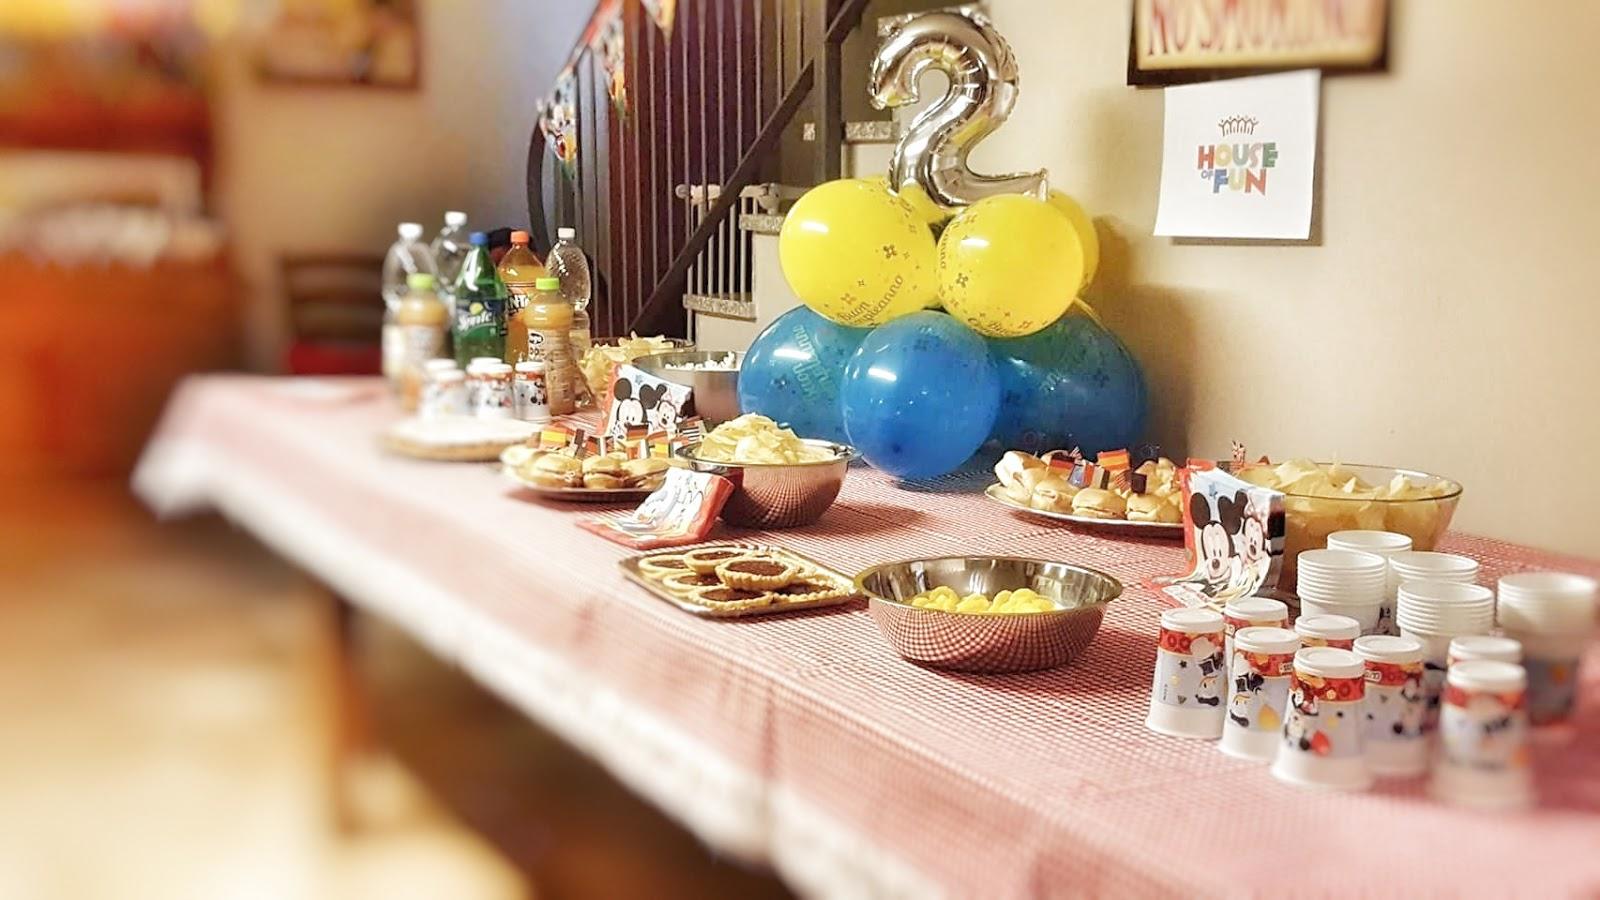 Organizzare Compleanno Mamma.6 Consigli Per Organizzare Una Festa Di Compleanno Ben Riuscita